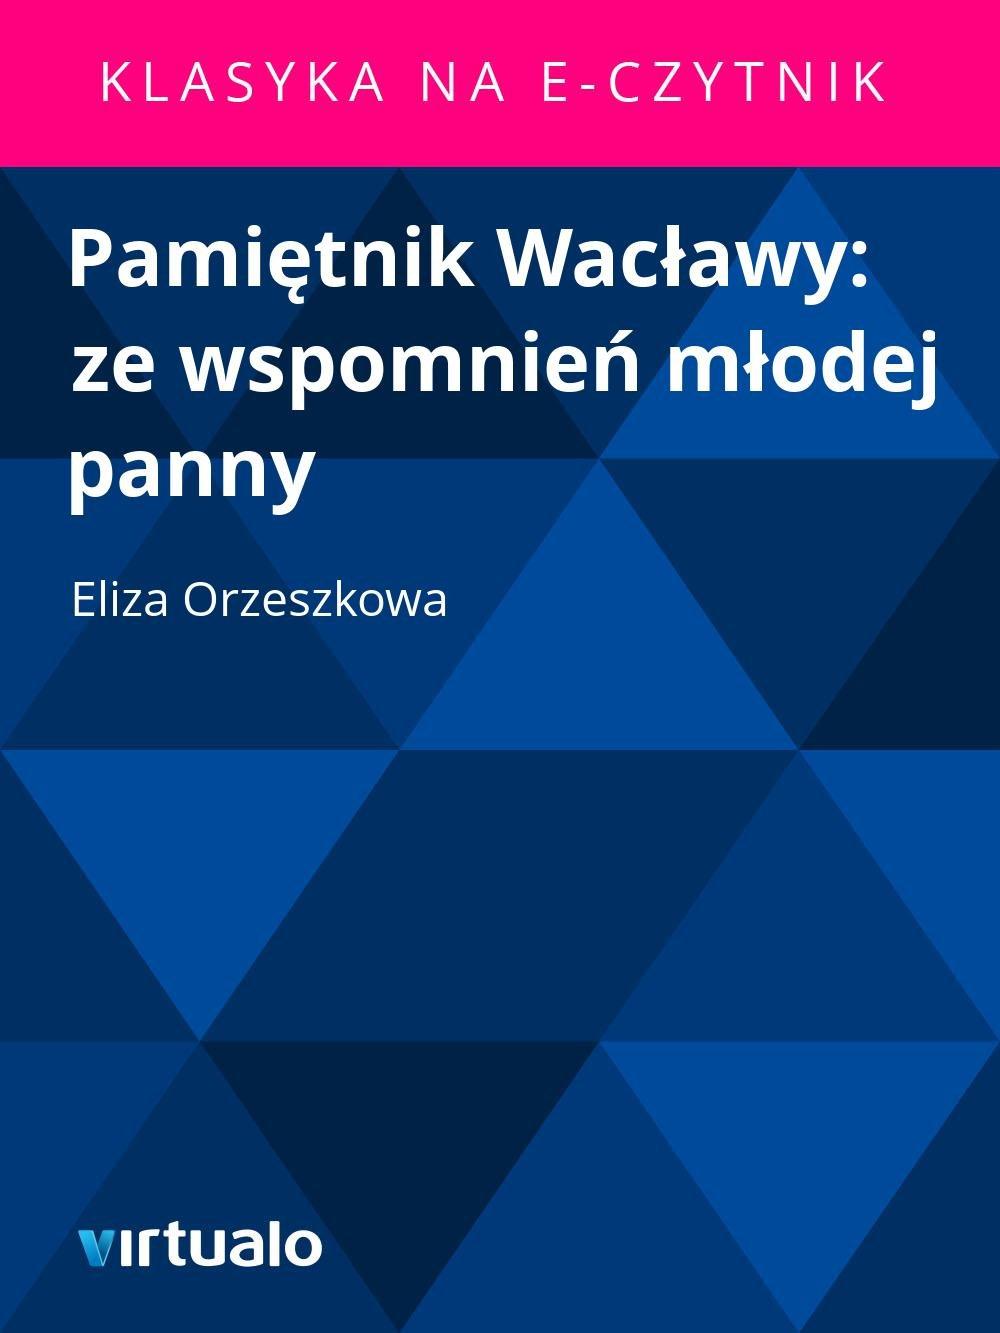 Pamiętnik Wacławy: ze wspomnień młodej panny - Ebook (Książka EPUB) do pobrania w formacie EPUB